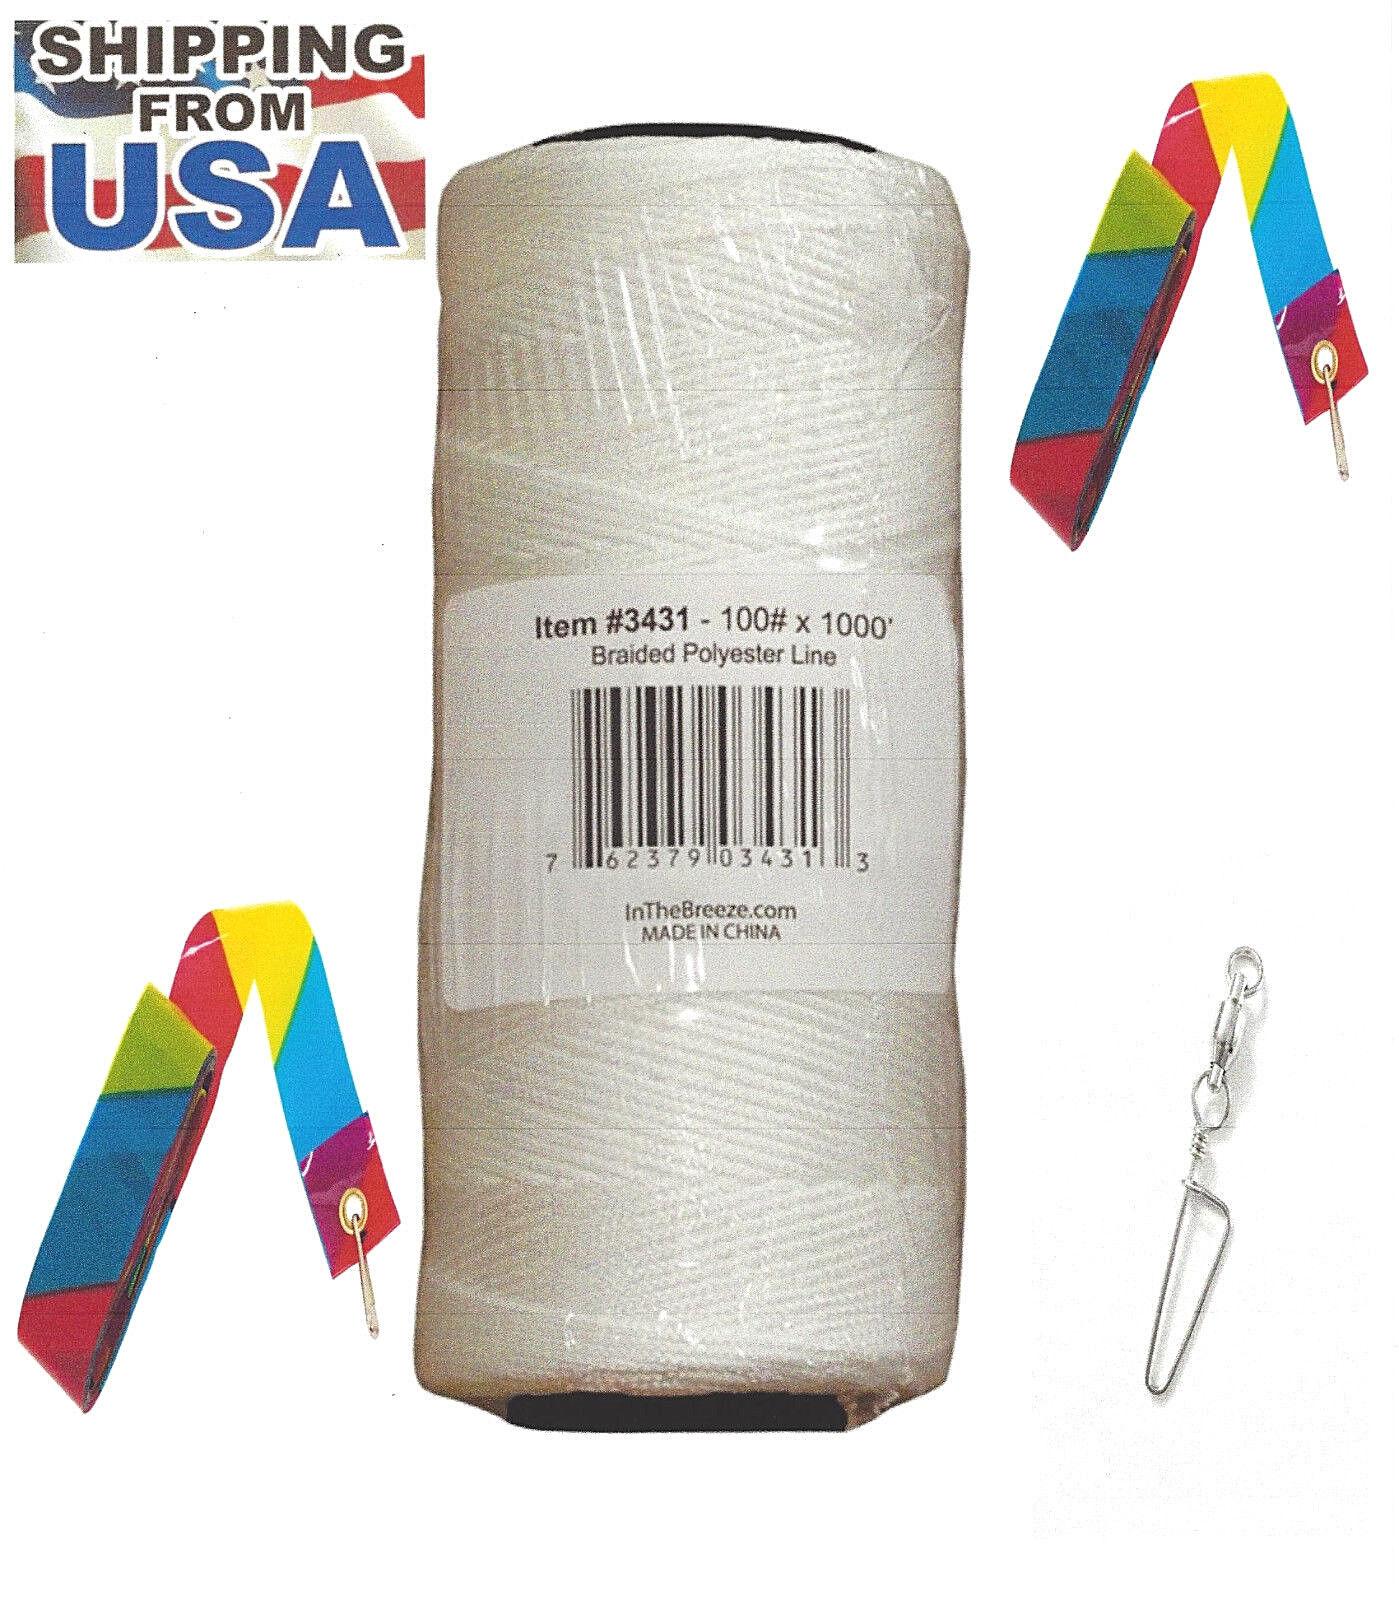 kite line polyester braided 1 000 ft